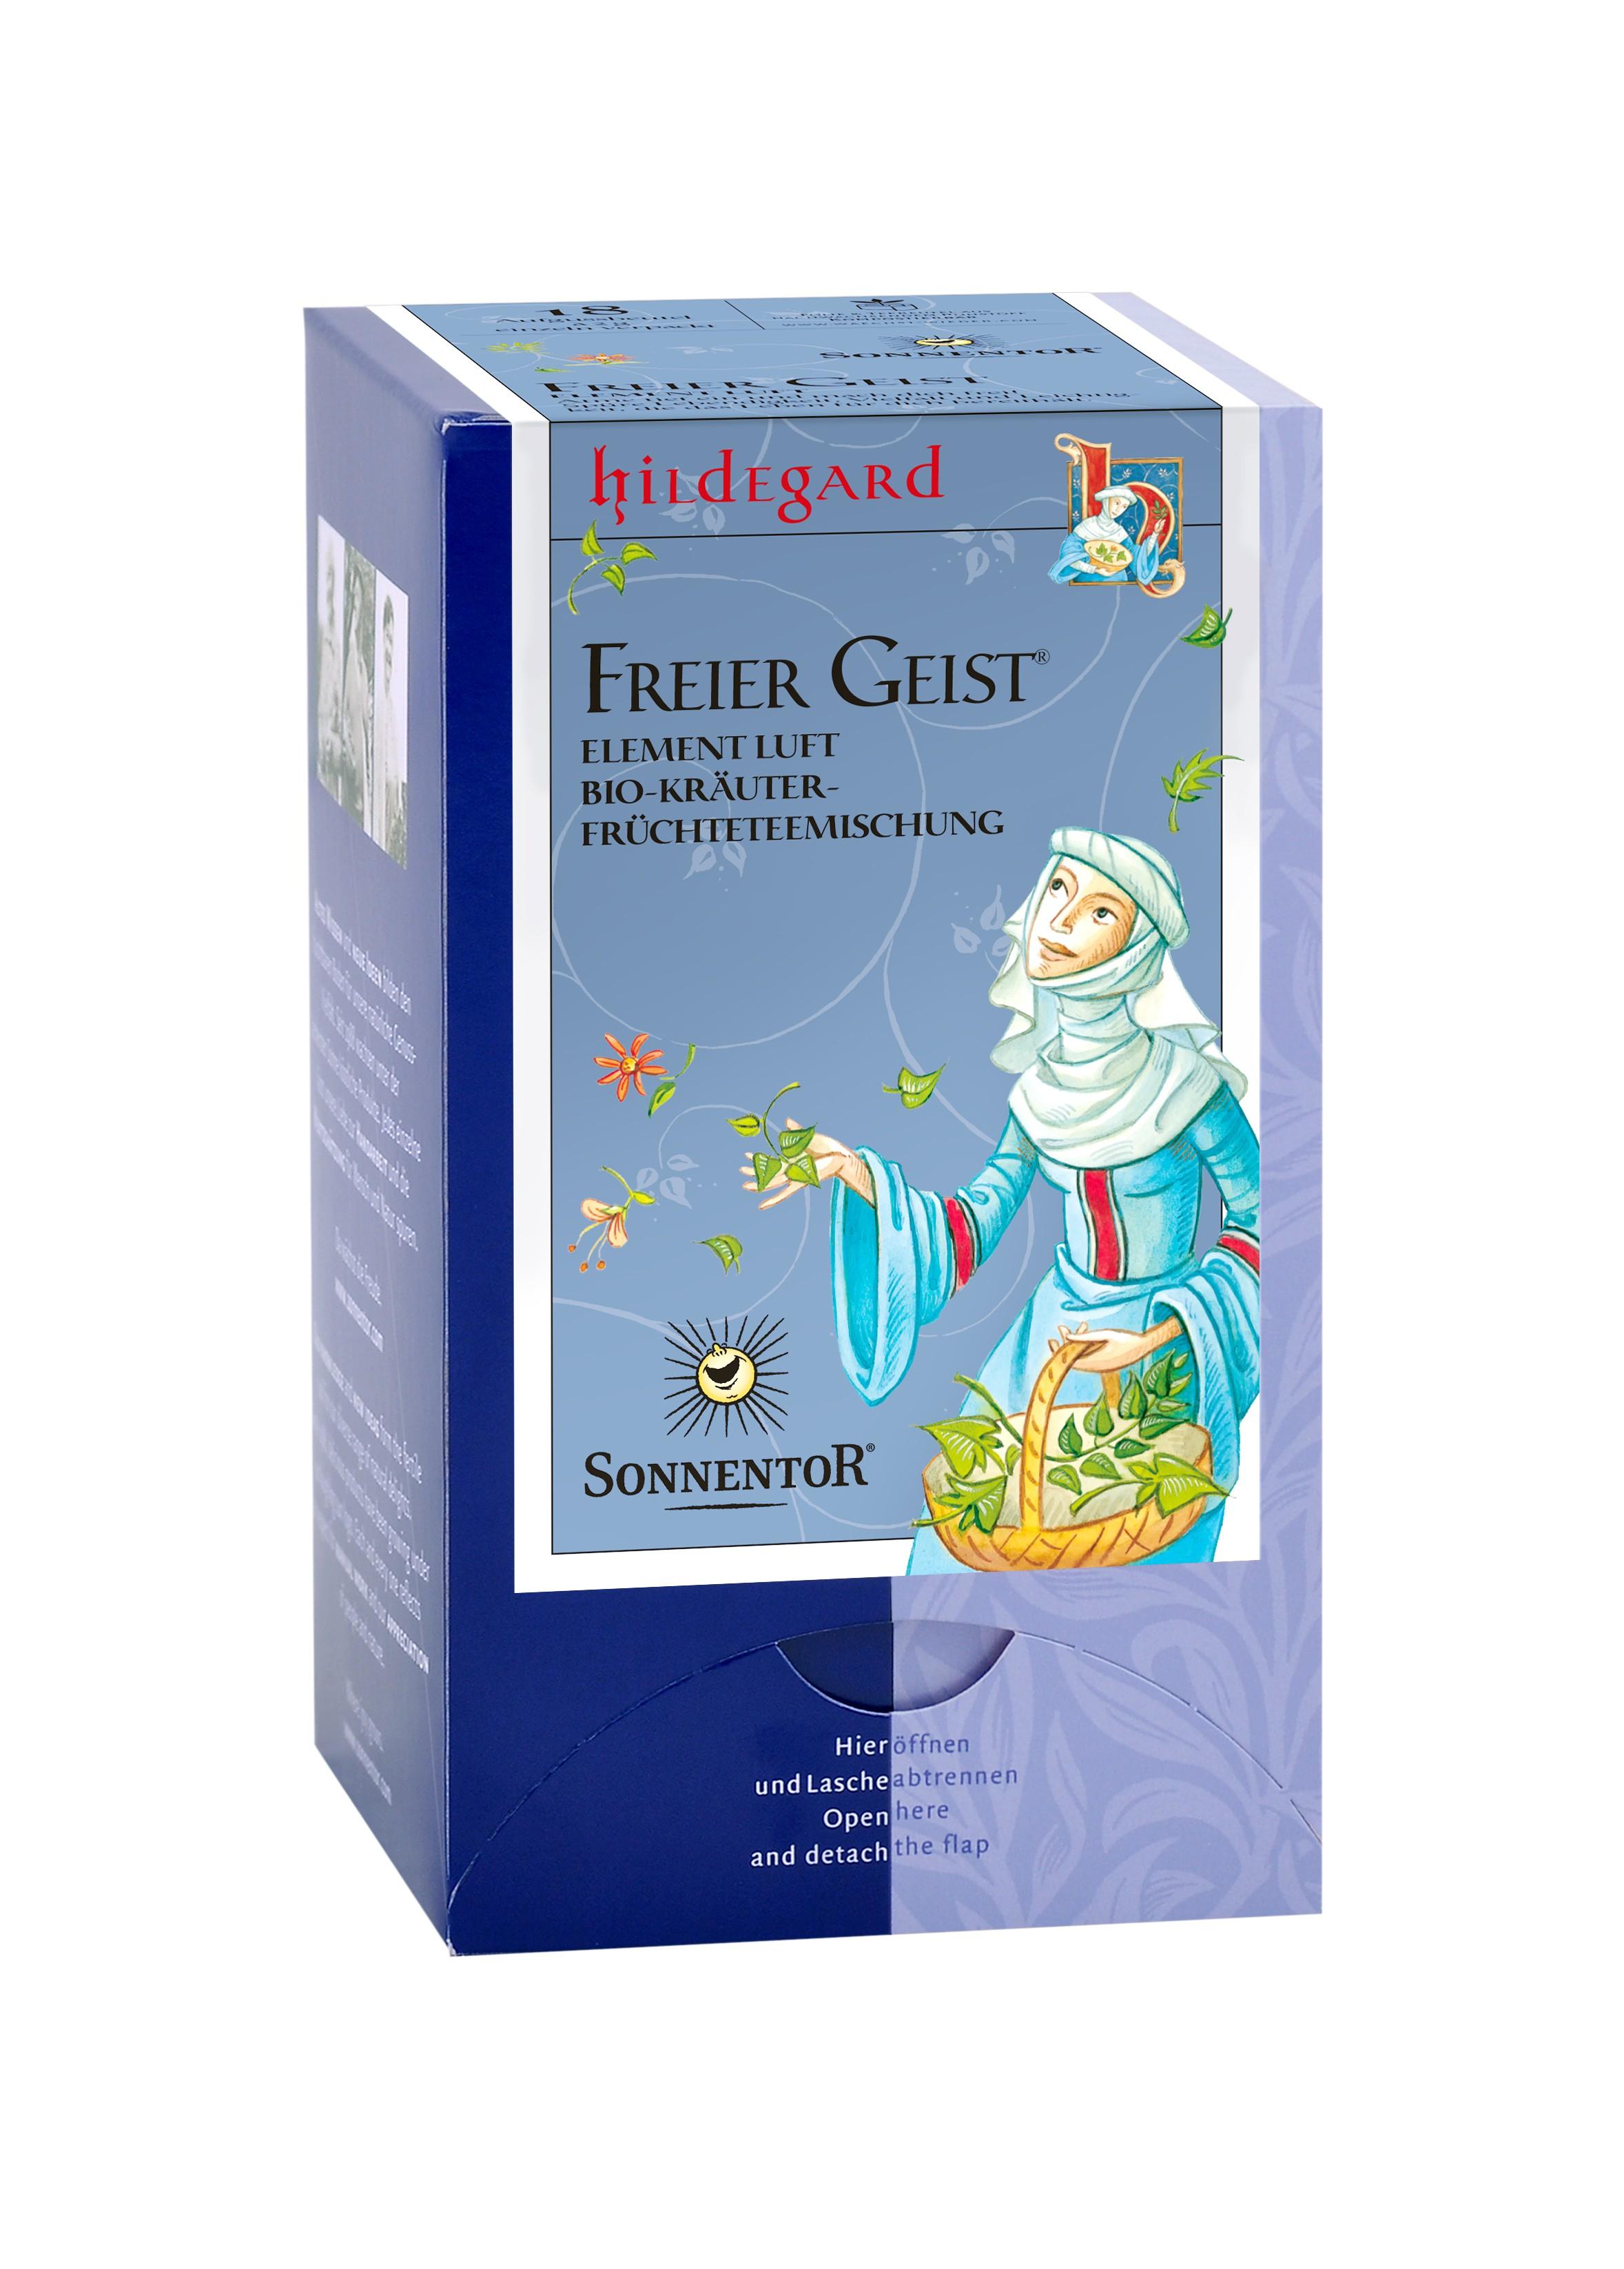 Freier Geist 4 Elemente Hildegard (Luft) Tee Beutel